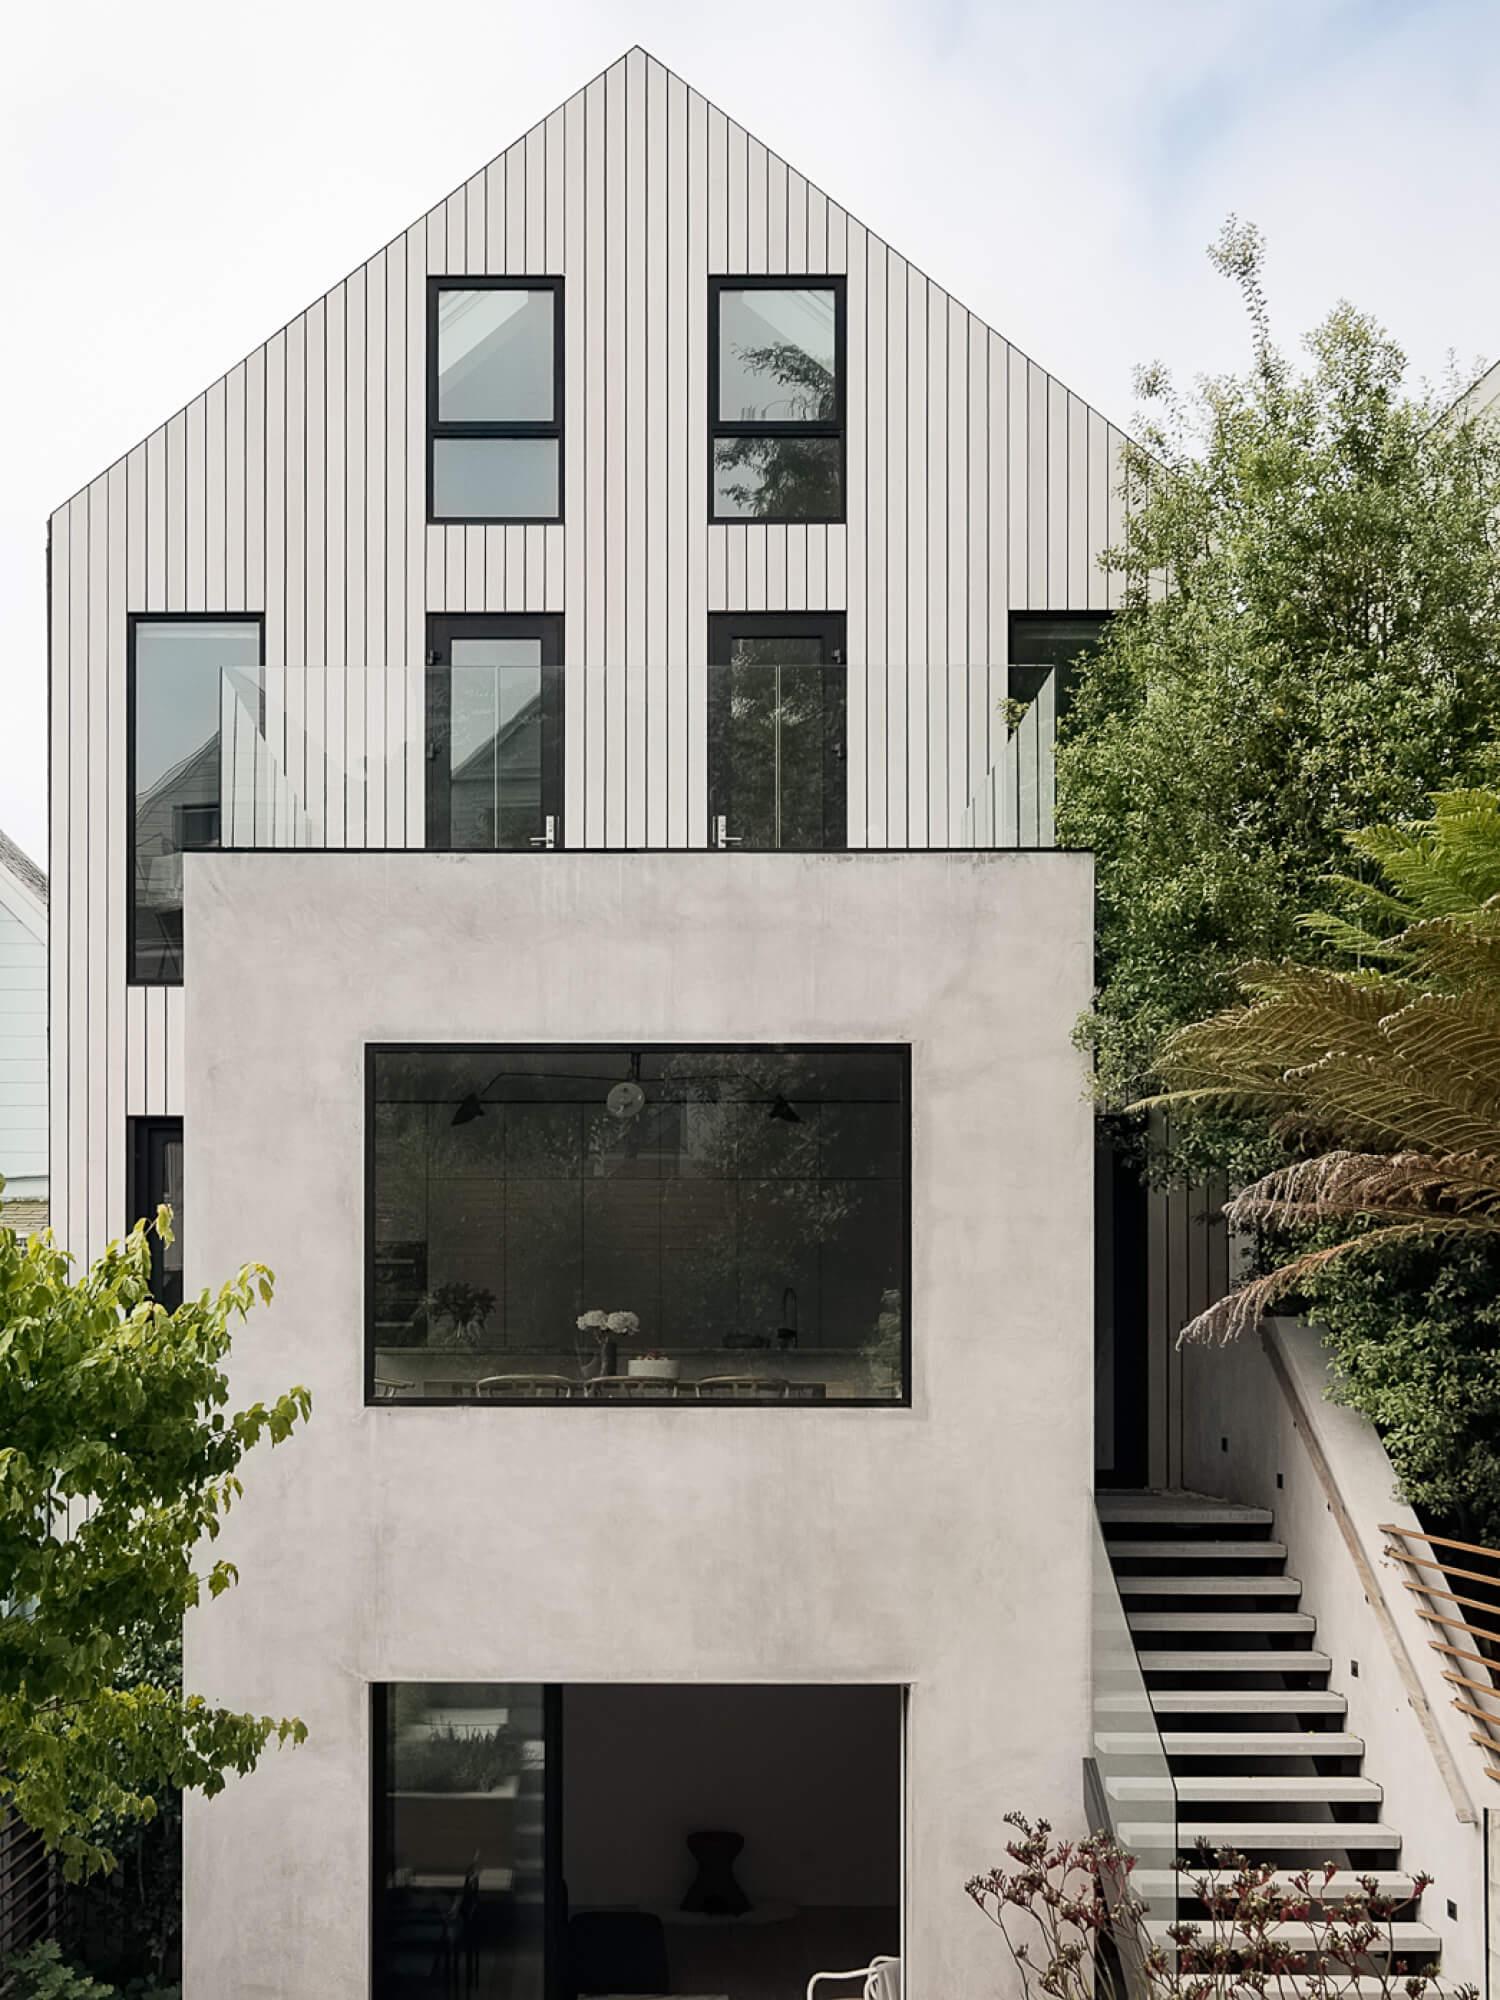 est living gable house edmonds lee architects 06